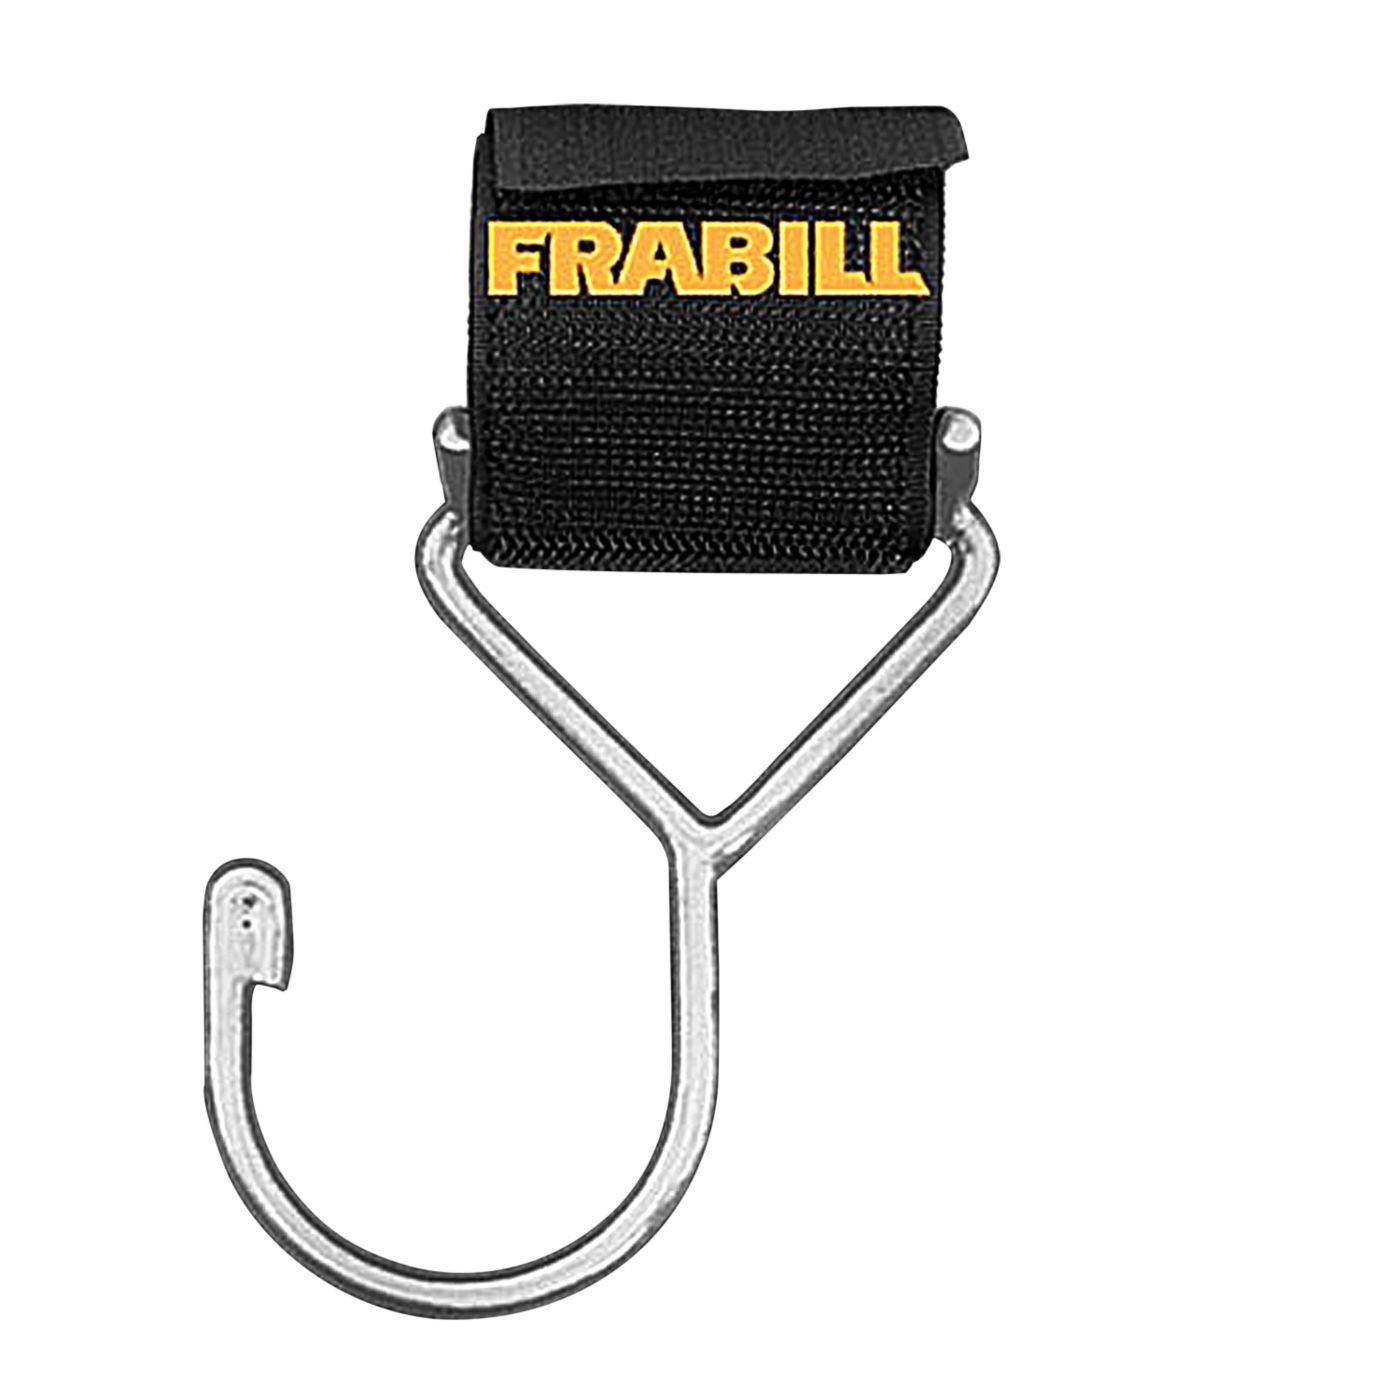 Frabill Shelter Hanger – 2 Pack